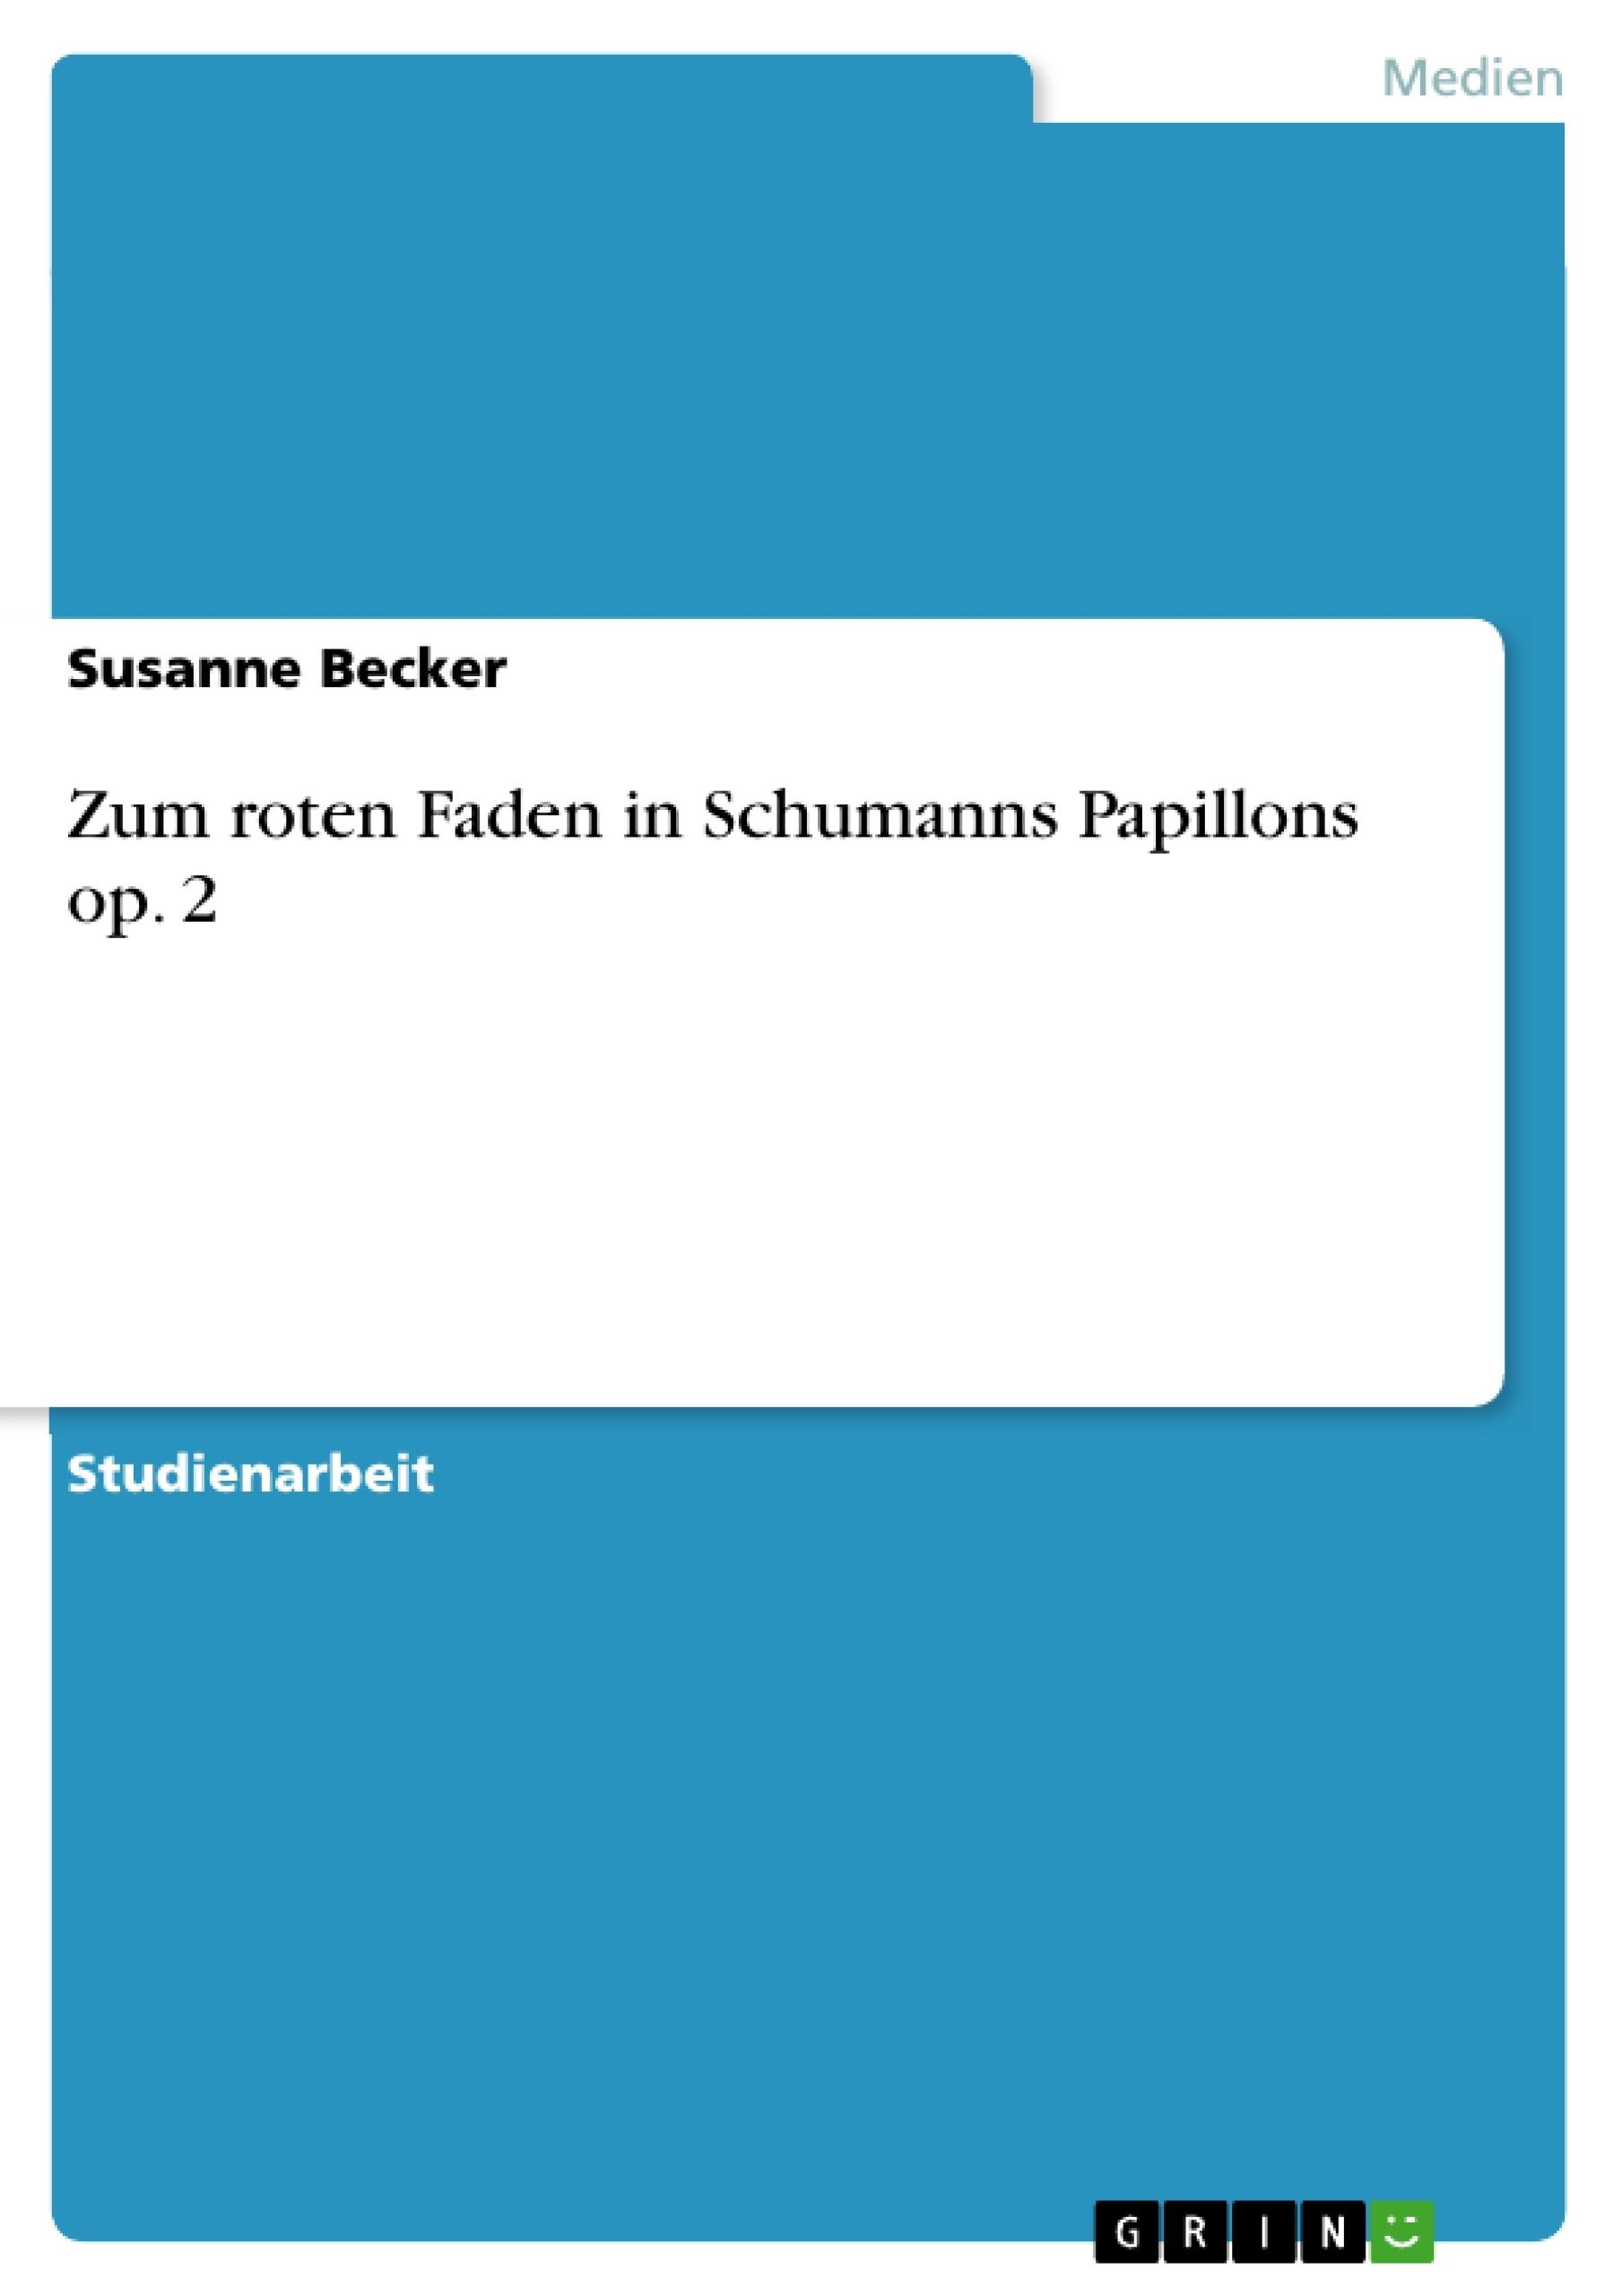 Titel: Zum roten Faden in Schumanns Papillons op. 2